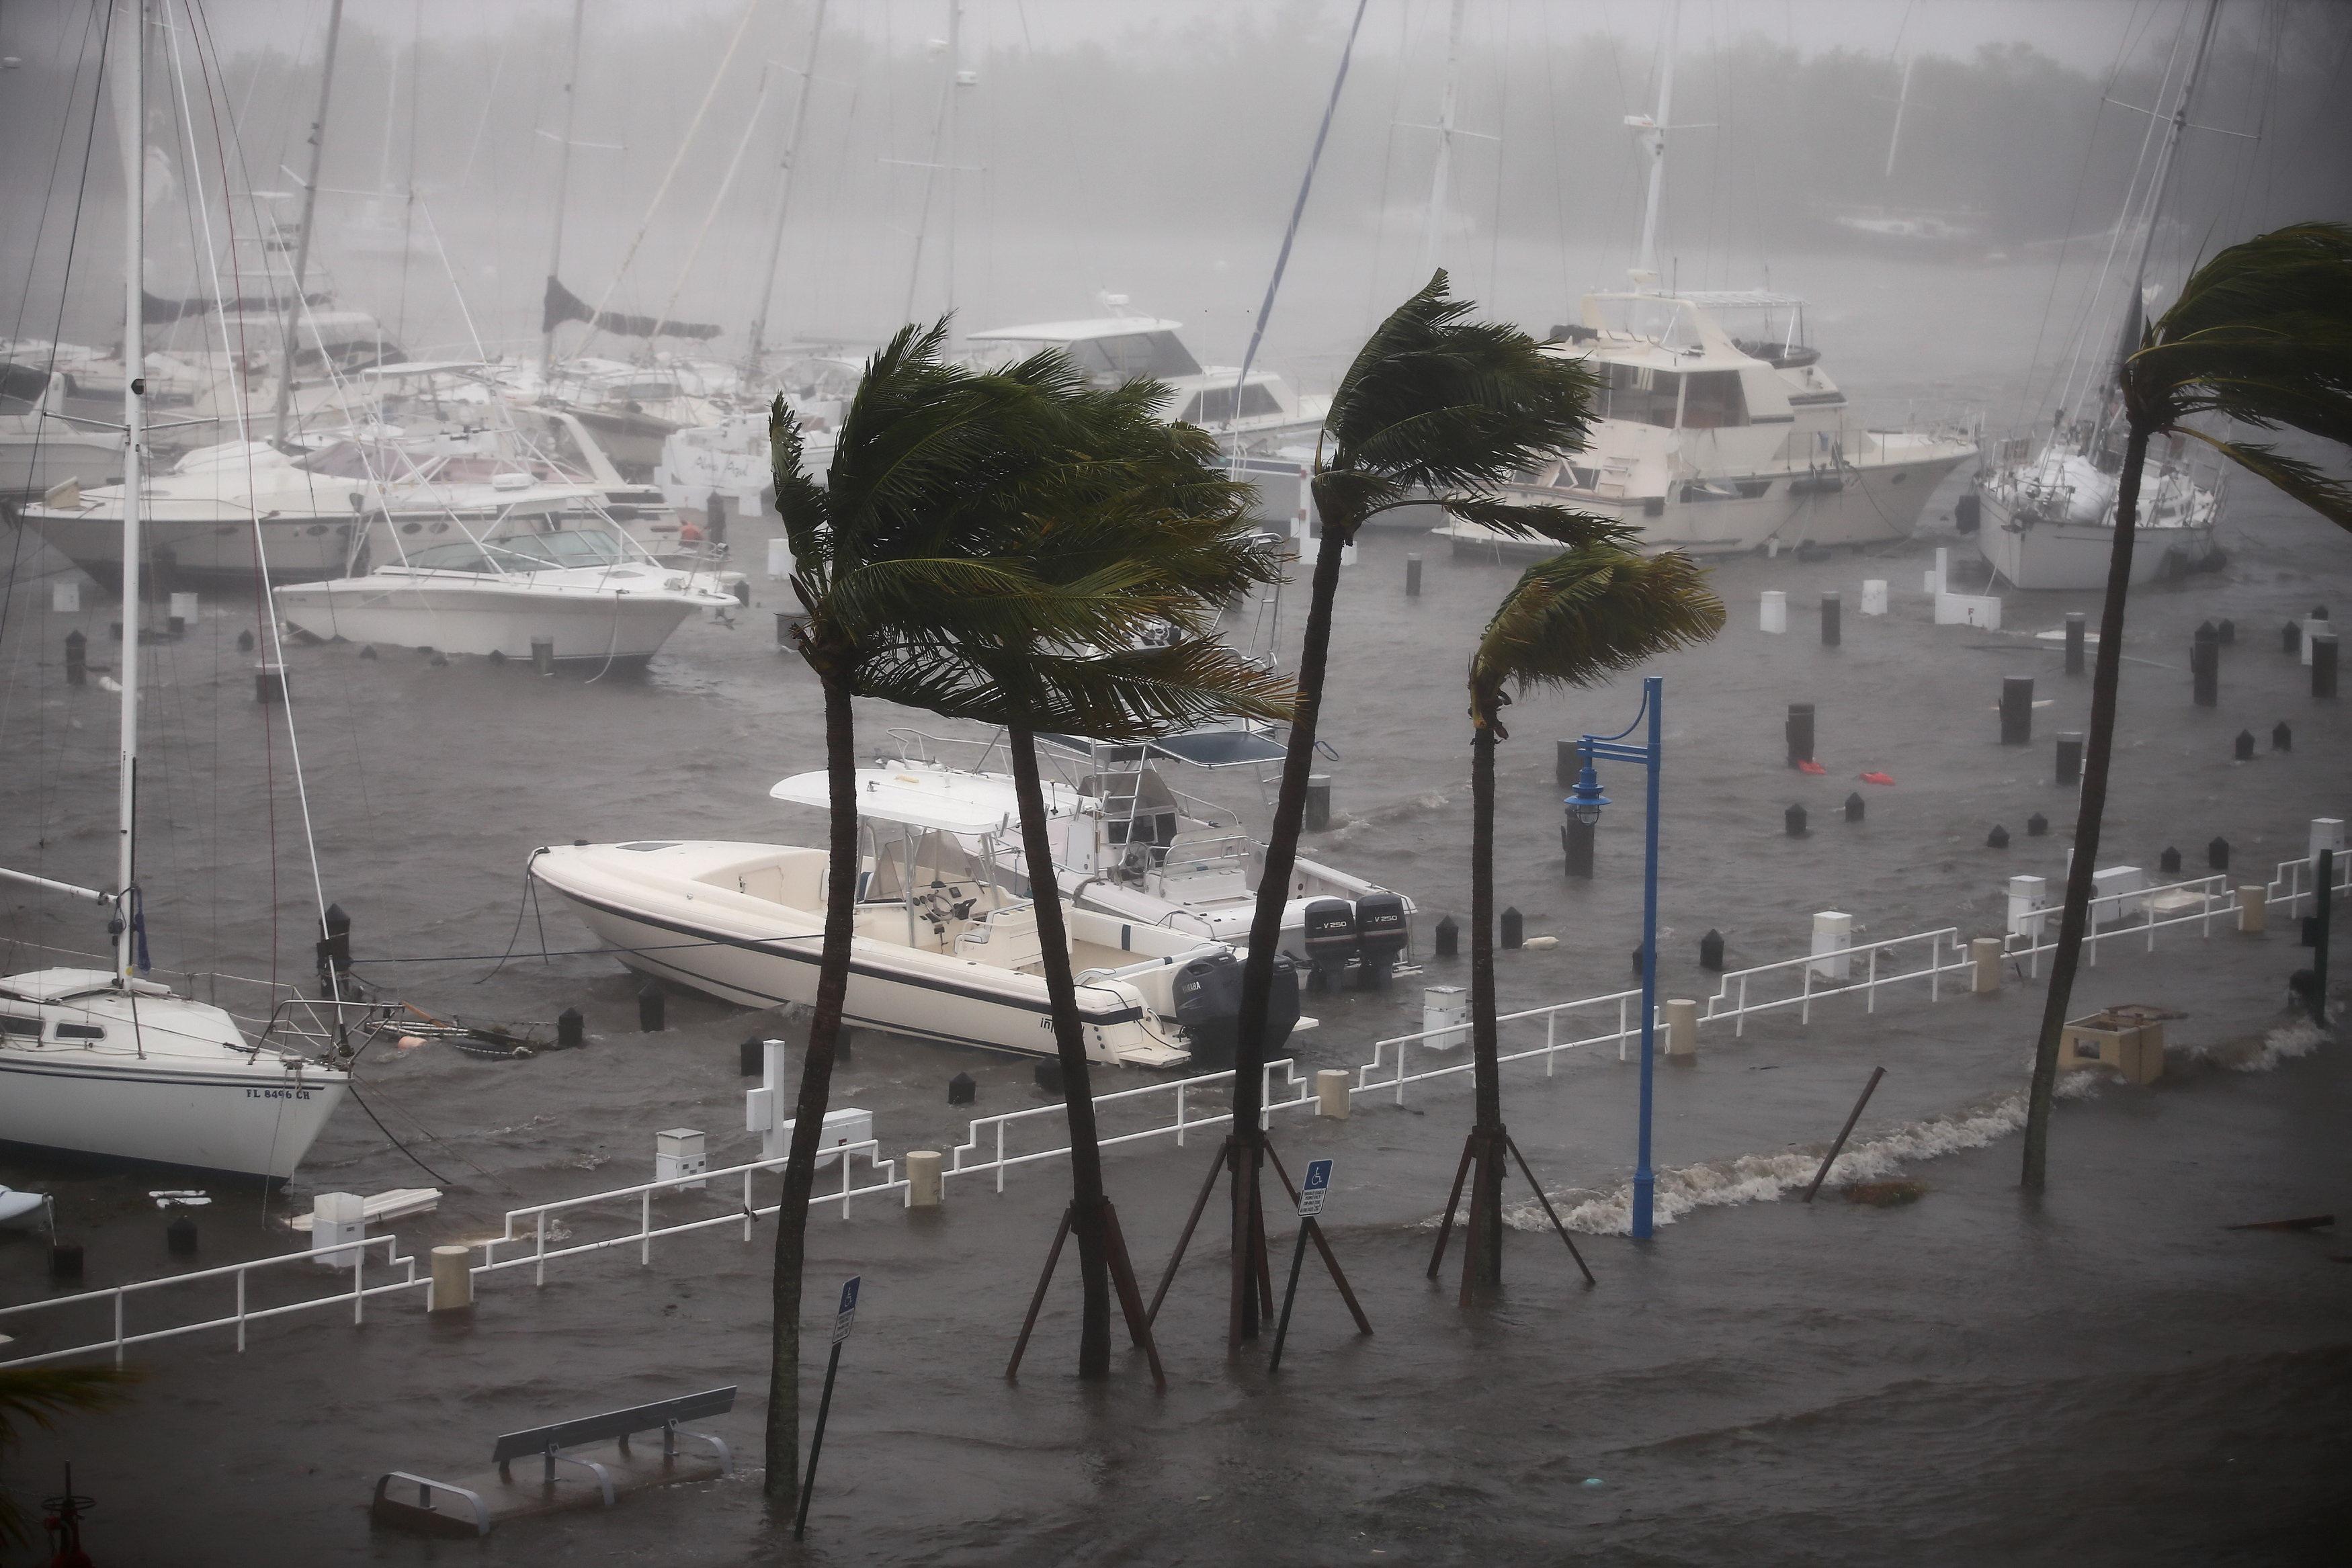 Biến đổi khí hậu khiến các cơn bão tồi tệ hơn ra sao? - Ảnh 1.